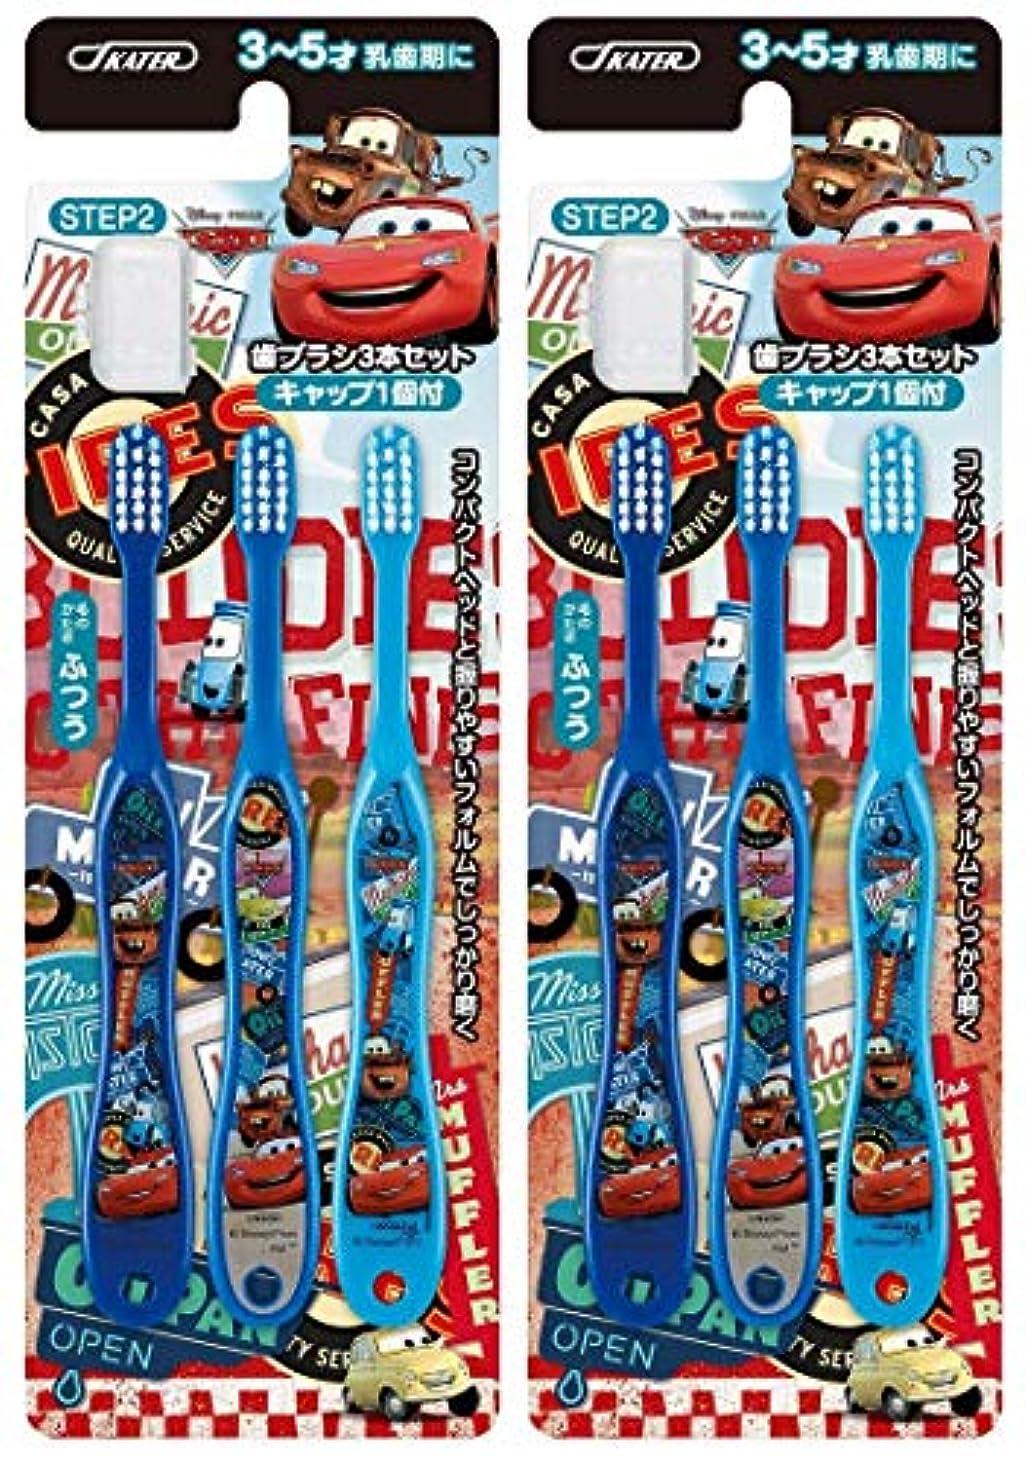 パック読みやすい核スケーター 歯ブラシ 園児用 3-5才 普通 6本セット (3本セット×2個) カーズ 14cm TB5T